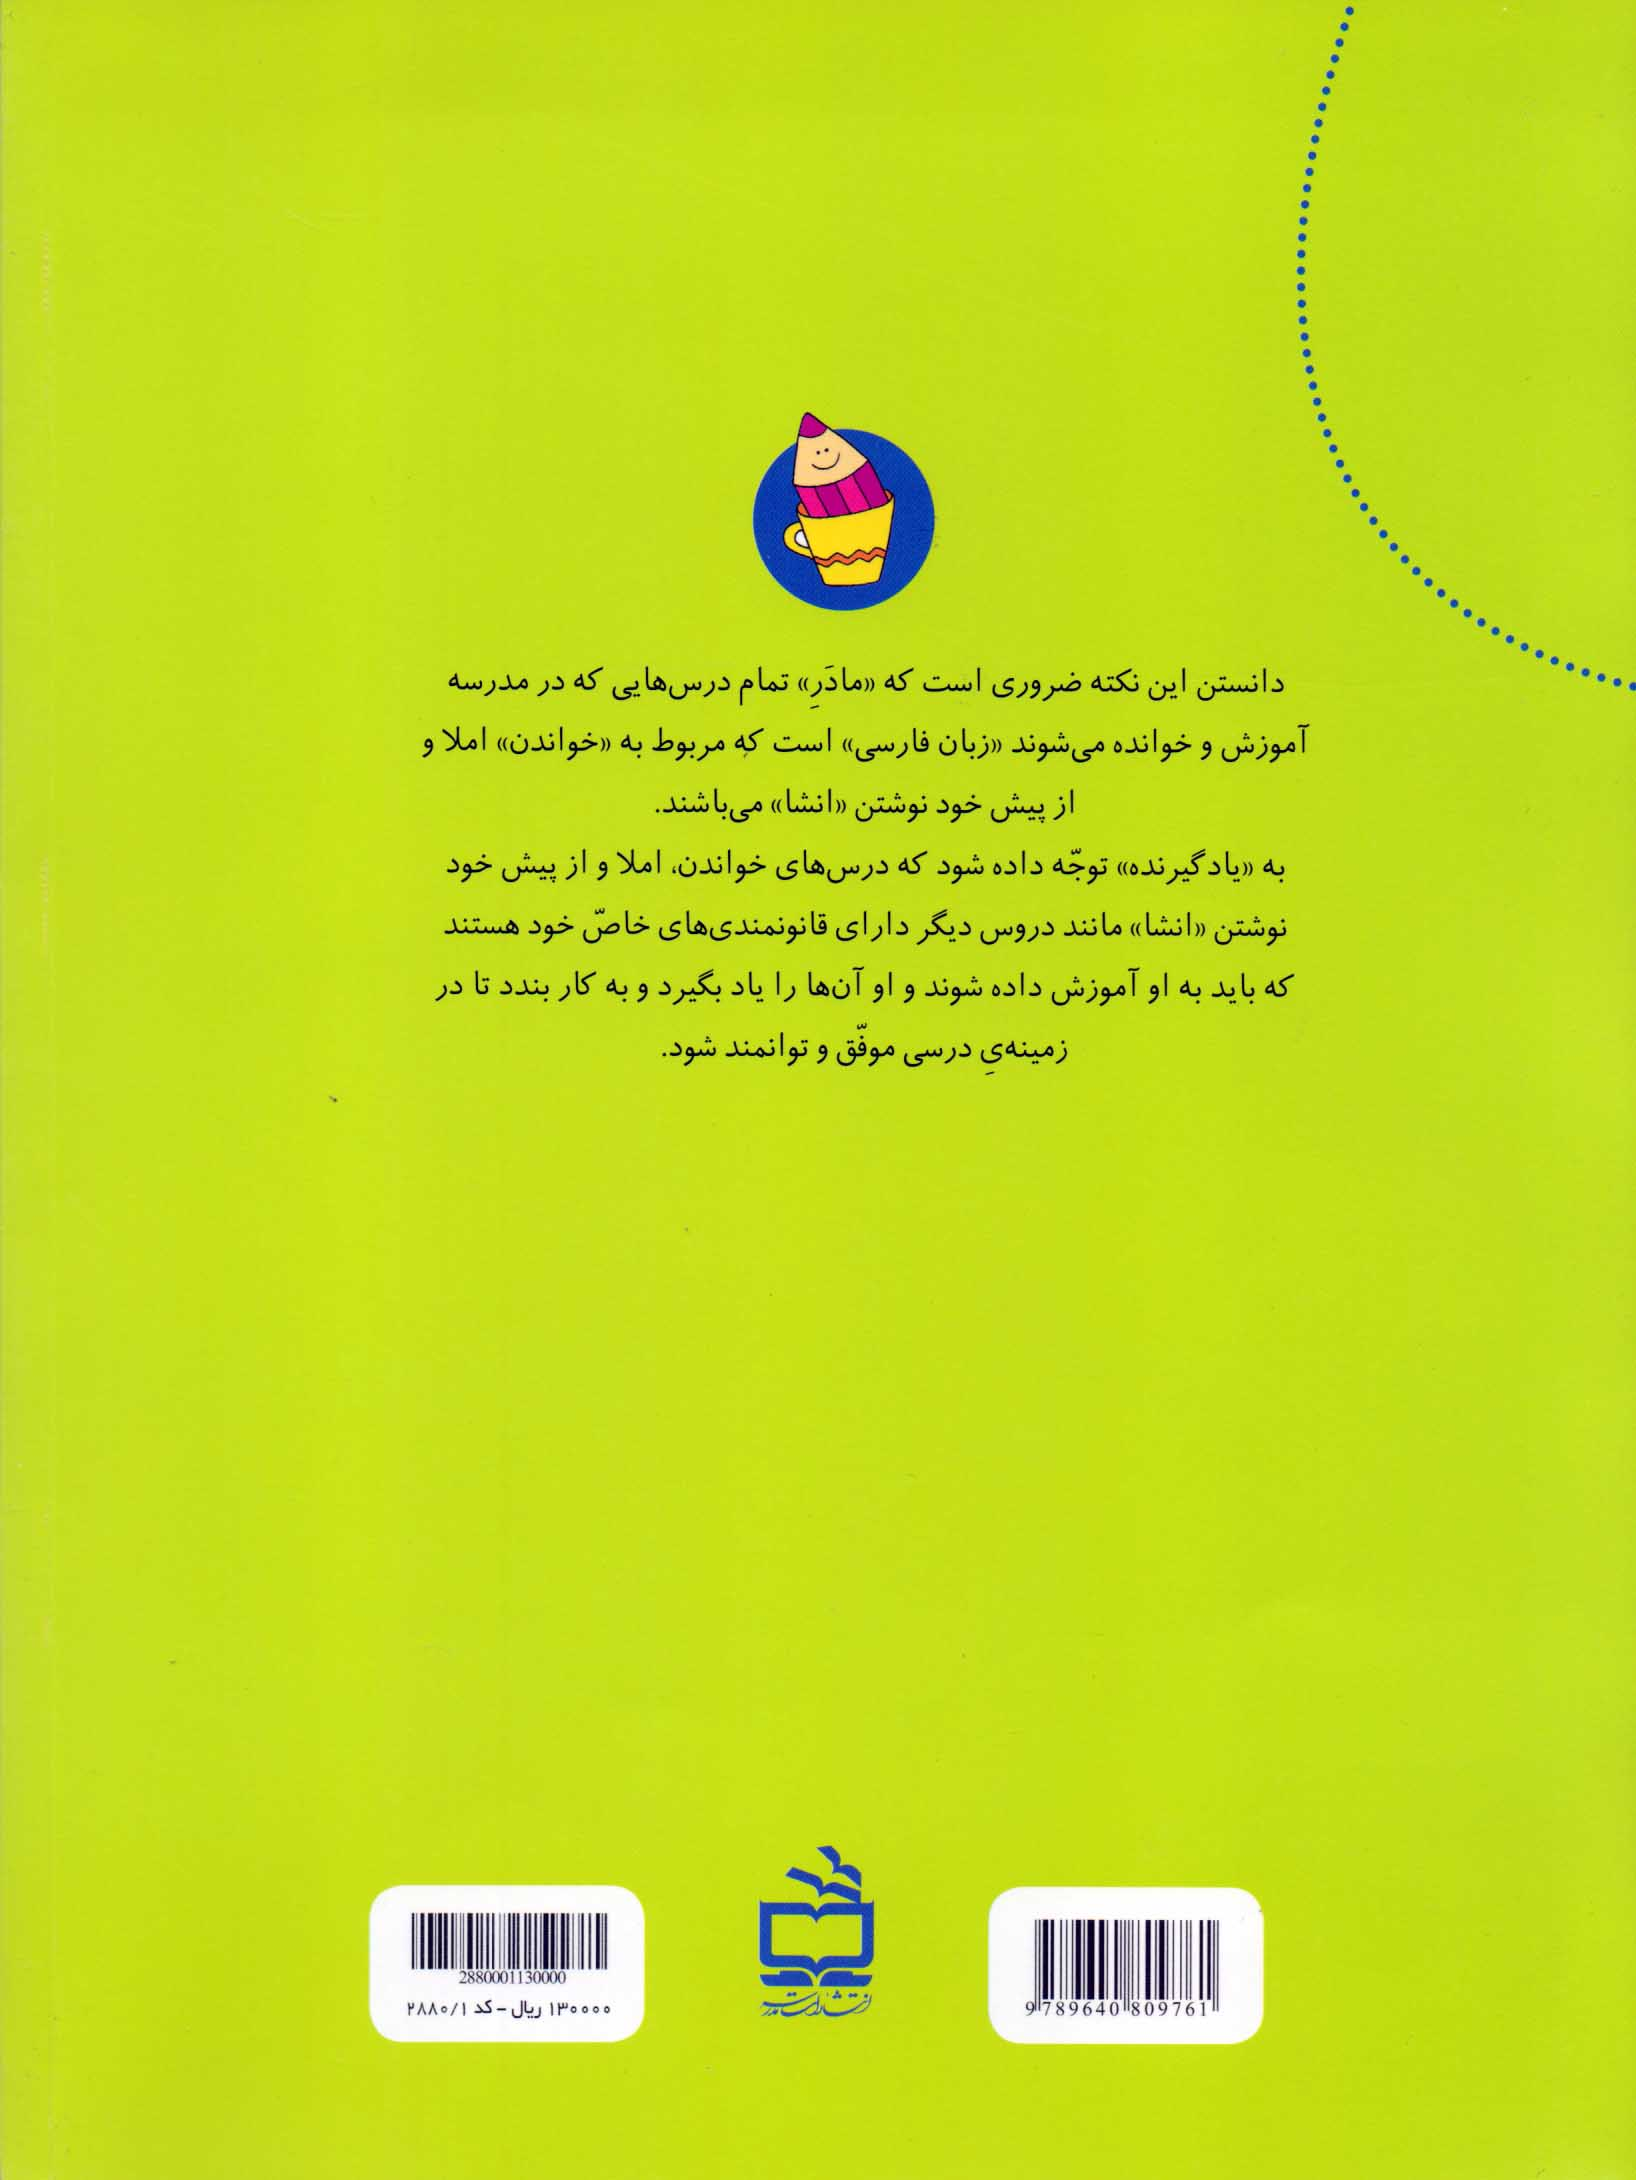 کتاب راهبردی آموزش املای فارسی (ویژهی دانشآموزان سال ششم ابتدایی)